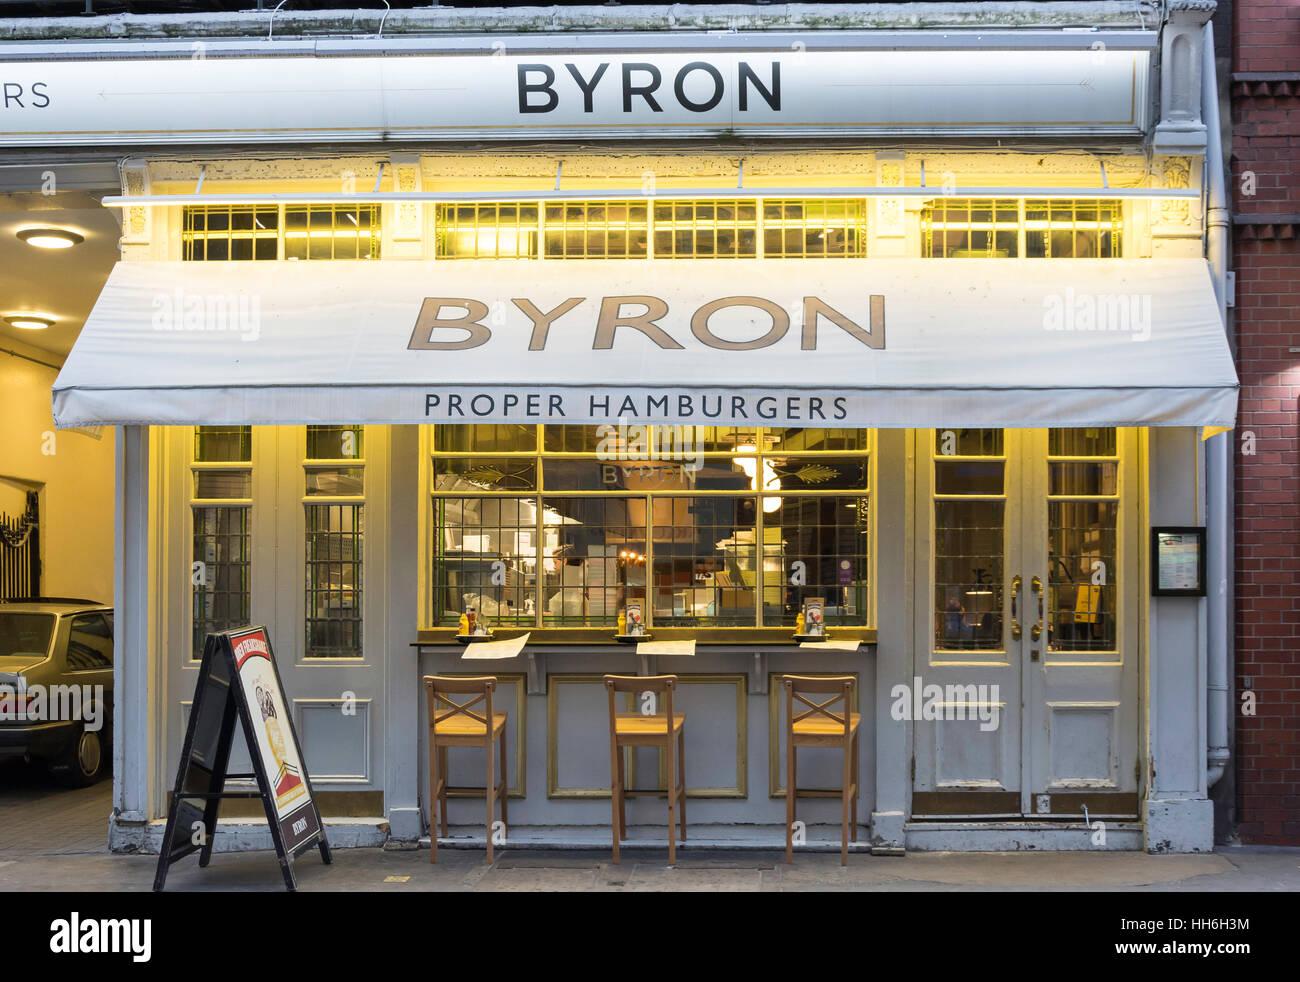 Byron Proper Hamburger Restaurant at dusk, Rathbone Place, Soho, City of Westminster, London, England, United Kingdom - Stock Image